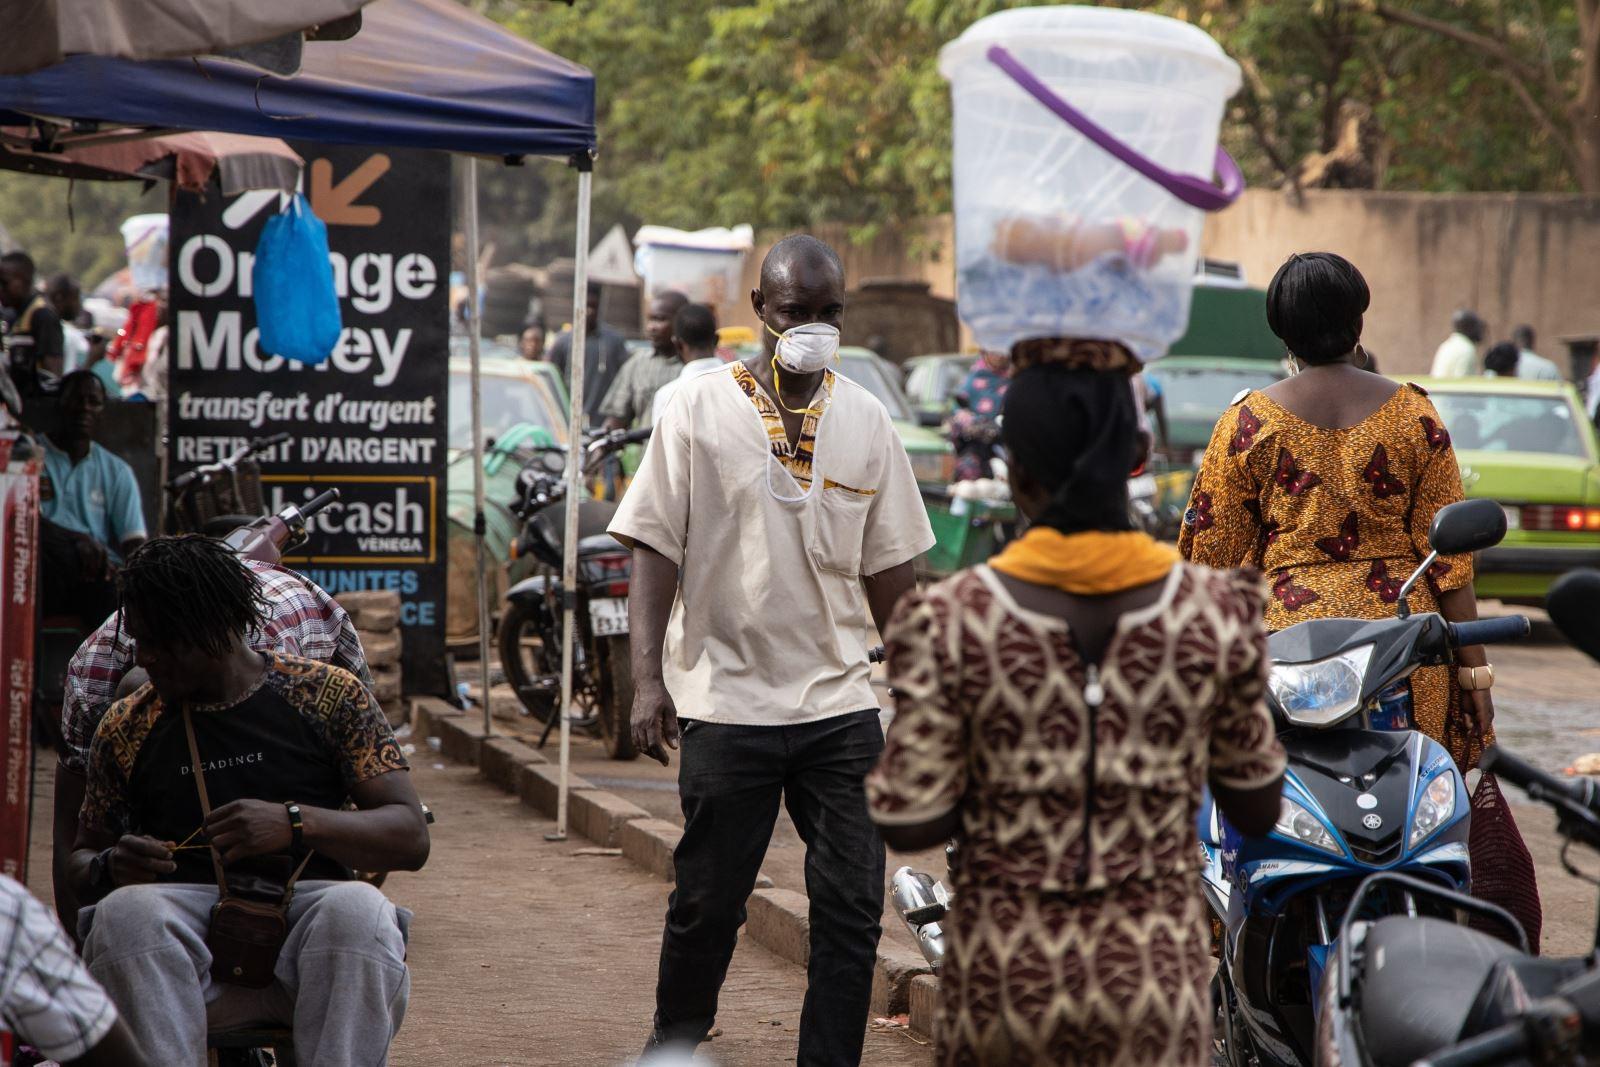 Người dân đeo khẩu trang phòng lây nhiễm COVID-19 tại Ouagadougou, Burkina Faso, ngày 16-3-2020. Ảnh: AFP/TTXVN